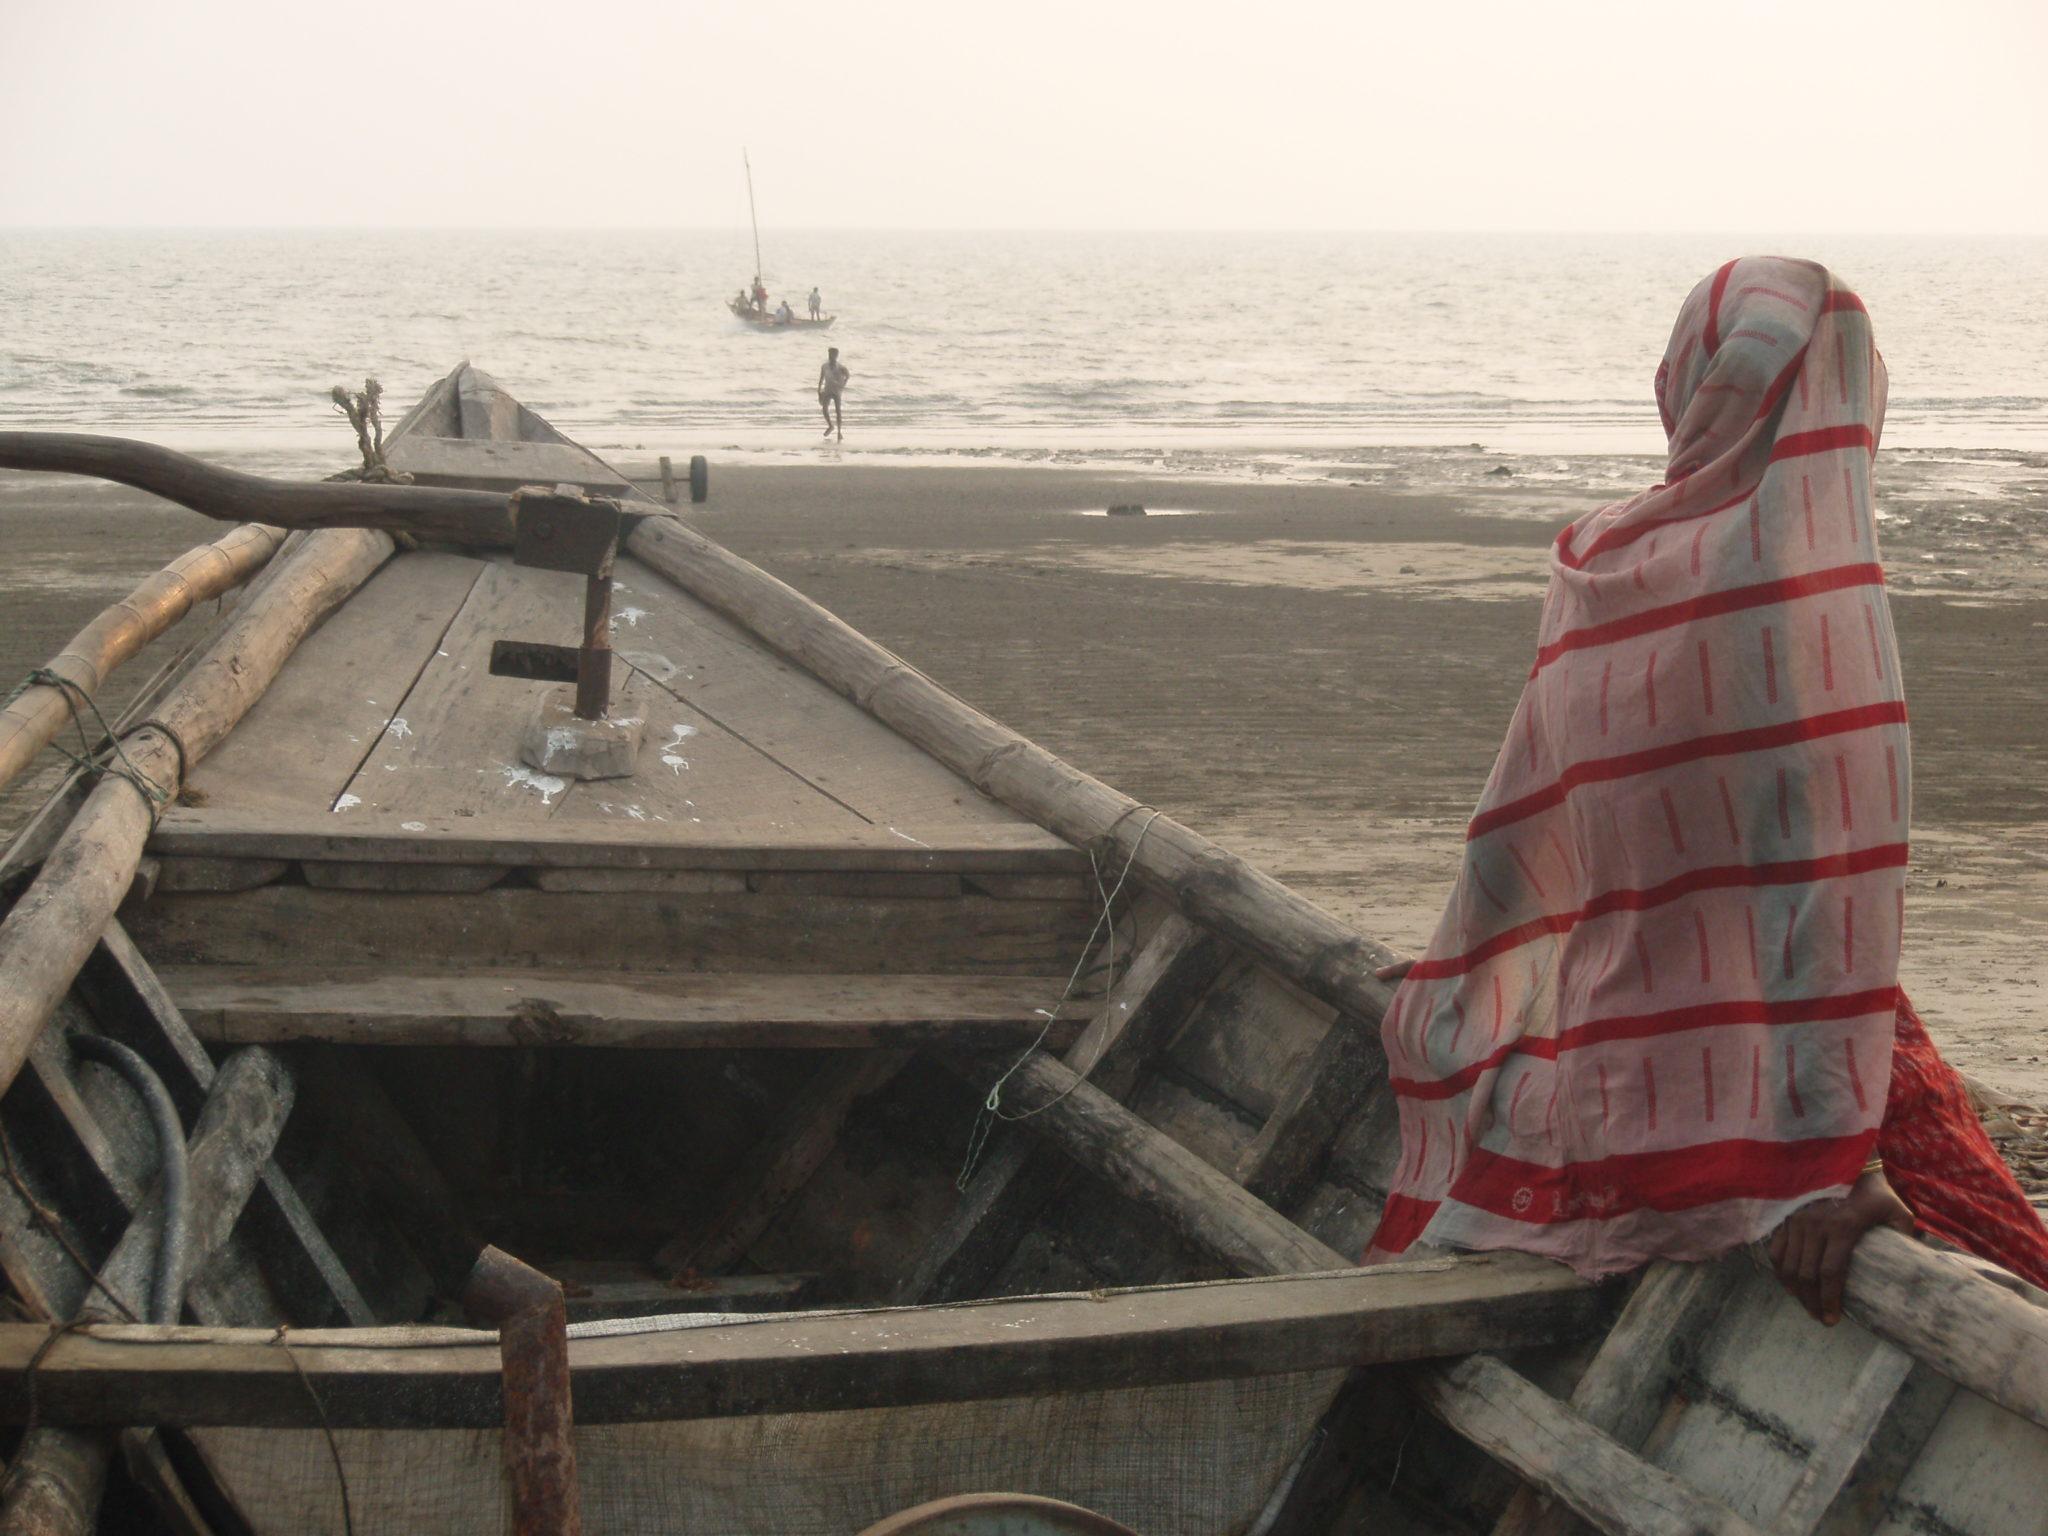 Un regard posé sur l'horizon<br><br>Une photo prise durant un séjour destiné à rencontrer les pêcheurs de Kuakata afin de mieux comprendre leur quotidien périlleux et ainsi essayer d'améliorer leur sécurité en mer.<br><br>Un instant de vie sur cette plage du Bangladesh. Le temps s'arrête avec ce regard posé sur l'horizon.<br><br>Quel sentiment se cache derrière ces yeux ? La crainte de voir partir ou le soulagement de voir revenir, un fils, un mari, un père ou un inconnu. Peut-être simplement l'apaisement d'écouter la musique des vagues les yeux fermés.<br><br>Céline Lis